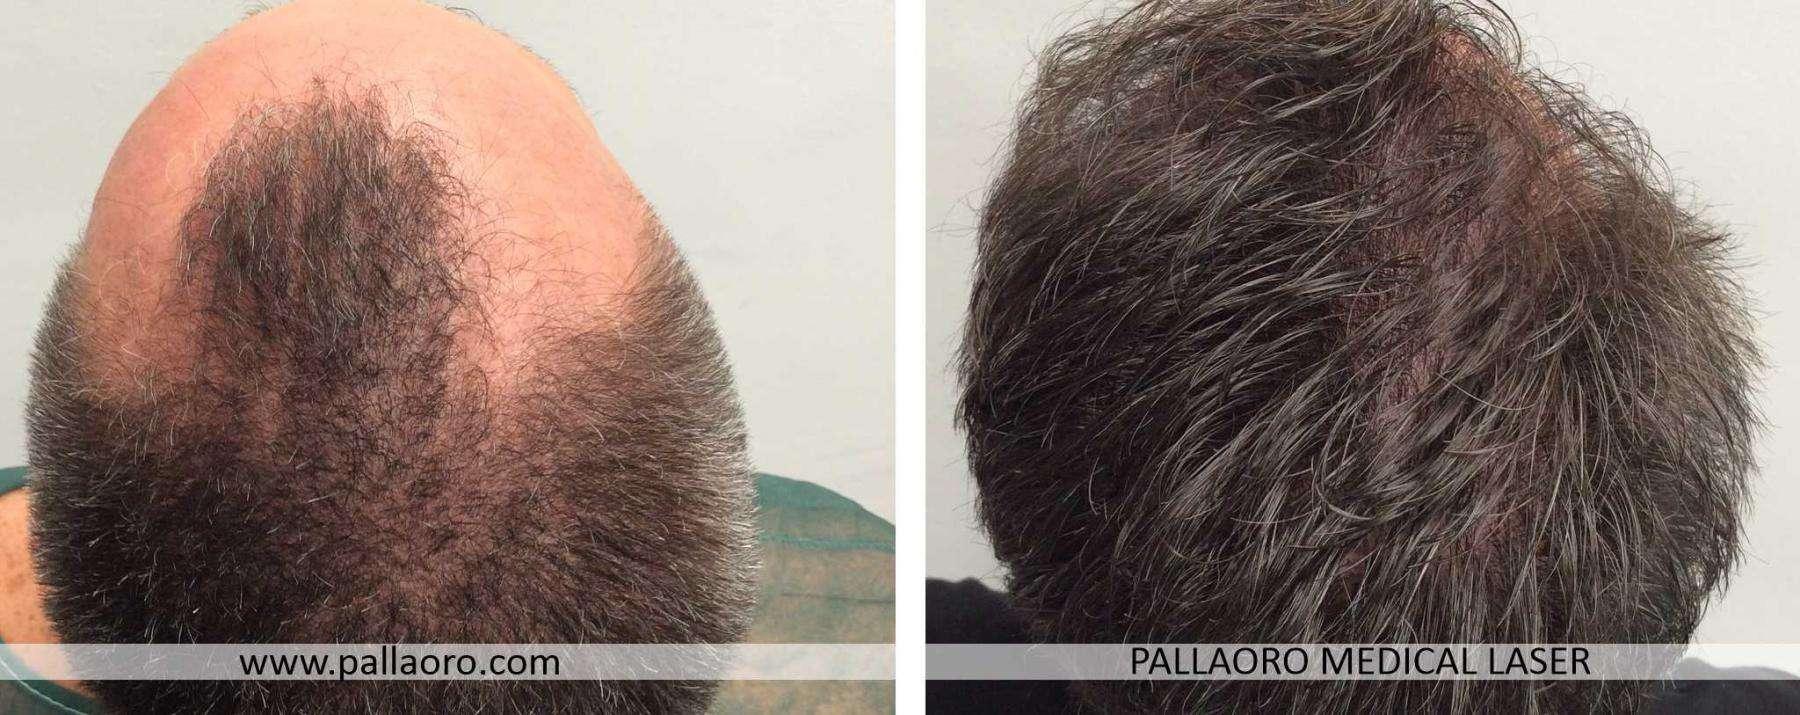 trapianto capelli 2021 02 d